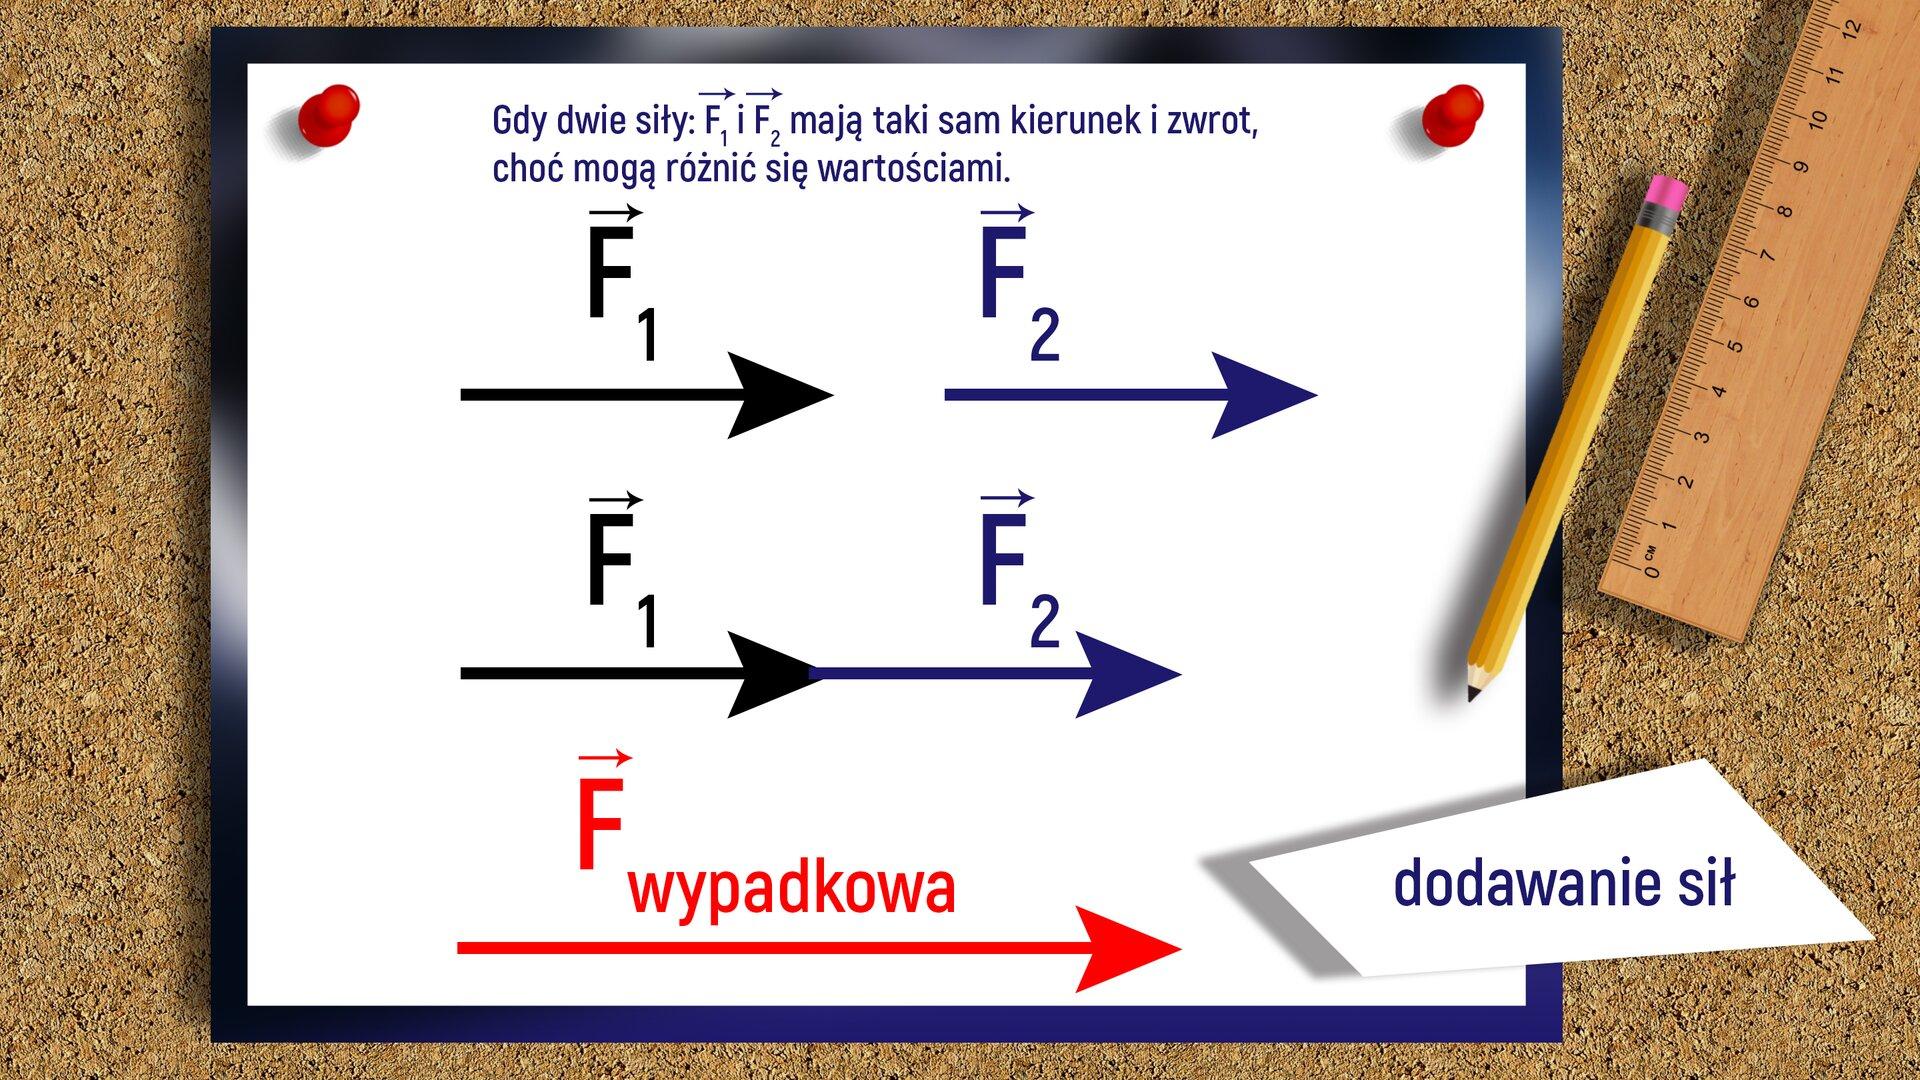 """Ilustracja przedstawia rysunek zamieszczony na tablicy korkowej opisujący dodawanie sił. Na górze rysunku znajduje się tekst: """"Gdy dwie siły: F1 iF2 mają taki sam kierunek izwrot, choć mogą różnić się wartościami"""". Poniżej narysowane są trzy rysunki prezentujące zagadnienie dodawania sił. Siły zostały zaprezentowane jako strzałki (czerwone, czarne igranatowe), biegnące wkierunku poziomym. Pierwszy rysunek przedstawia dwie strzałki oznaczone jako F1 iF2 oraz skierowane wprawą stronę. Drugi rysunek przedstawia te same dwie strzałki, ale znajdujące na tej samej linii prostej oraz też mające zwrot wprawo. Trzeci rysunek to czerwona strzałka będąca sumą po dodaniu dwóch sił (strzałek) otym samym kierunku izwrocie. Po prawej stronie znajduje się napis: """"dodawanie sił"""" oraz linijka iołówek."""